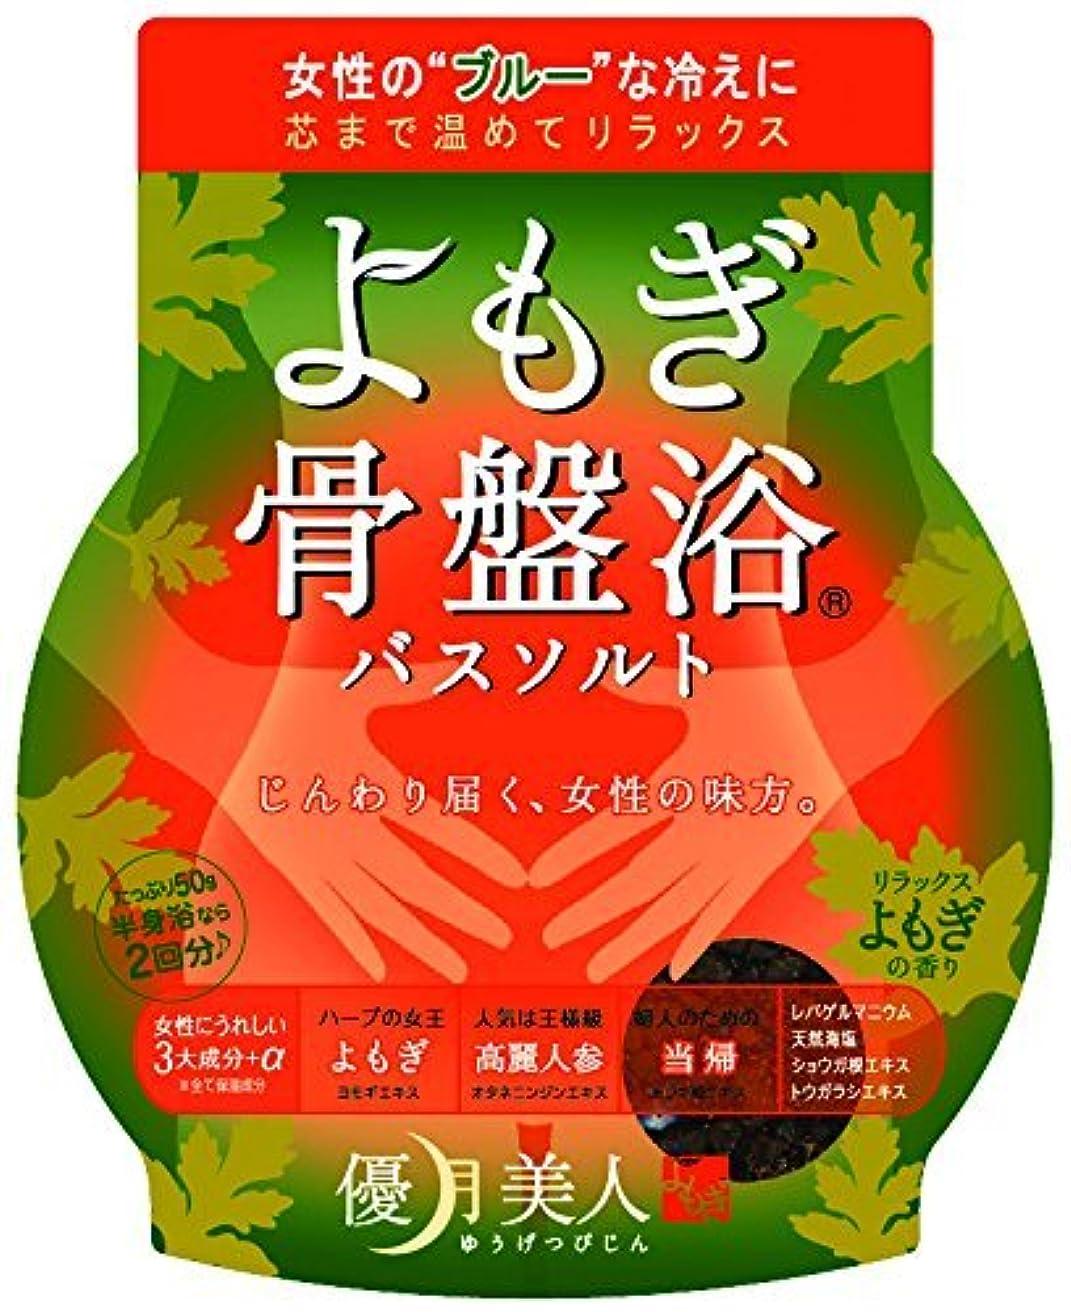 インストール安心させるプレミア【まとめ買い】優月美人 バスソルト よもぎの香り 50g ×3個